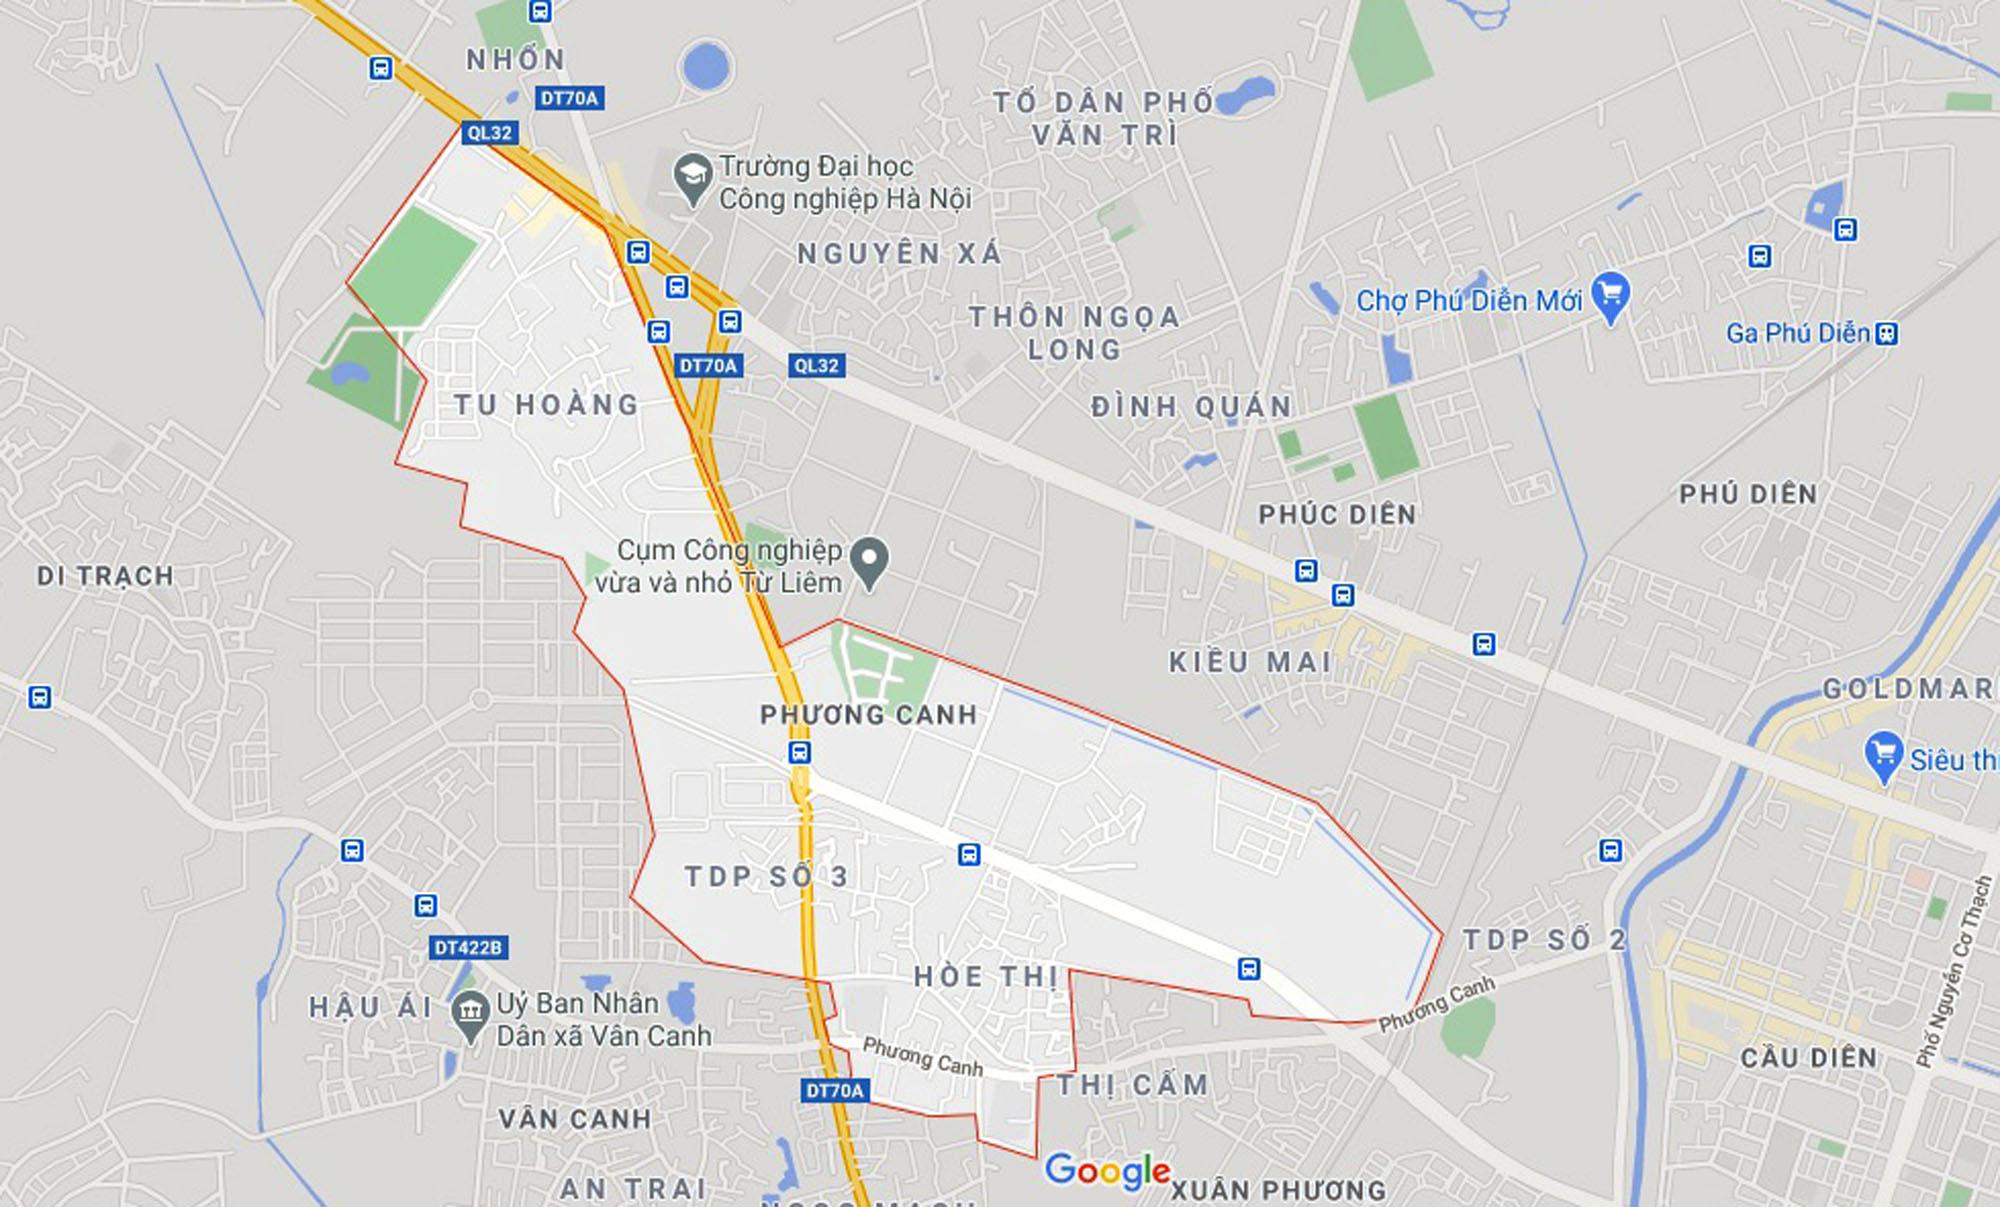 Những khu đất sắp thu hồi để mở đường ở phường Phương Canh, Nam Từ Liêm, Hà Nội (phần 3) - Ảnh 1.